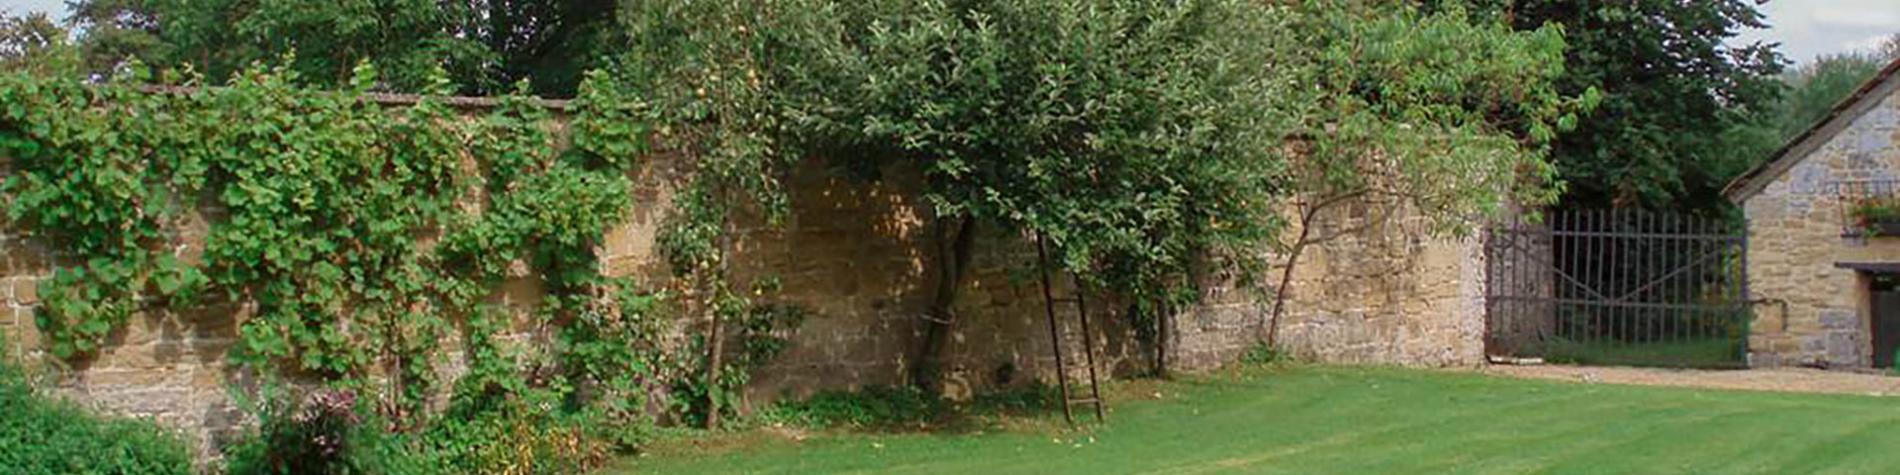 Les Chouettes du Clos des Richots - Gîte rural - Natoye - Vallée des Saveurs - 3 épis